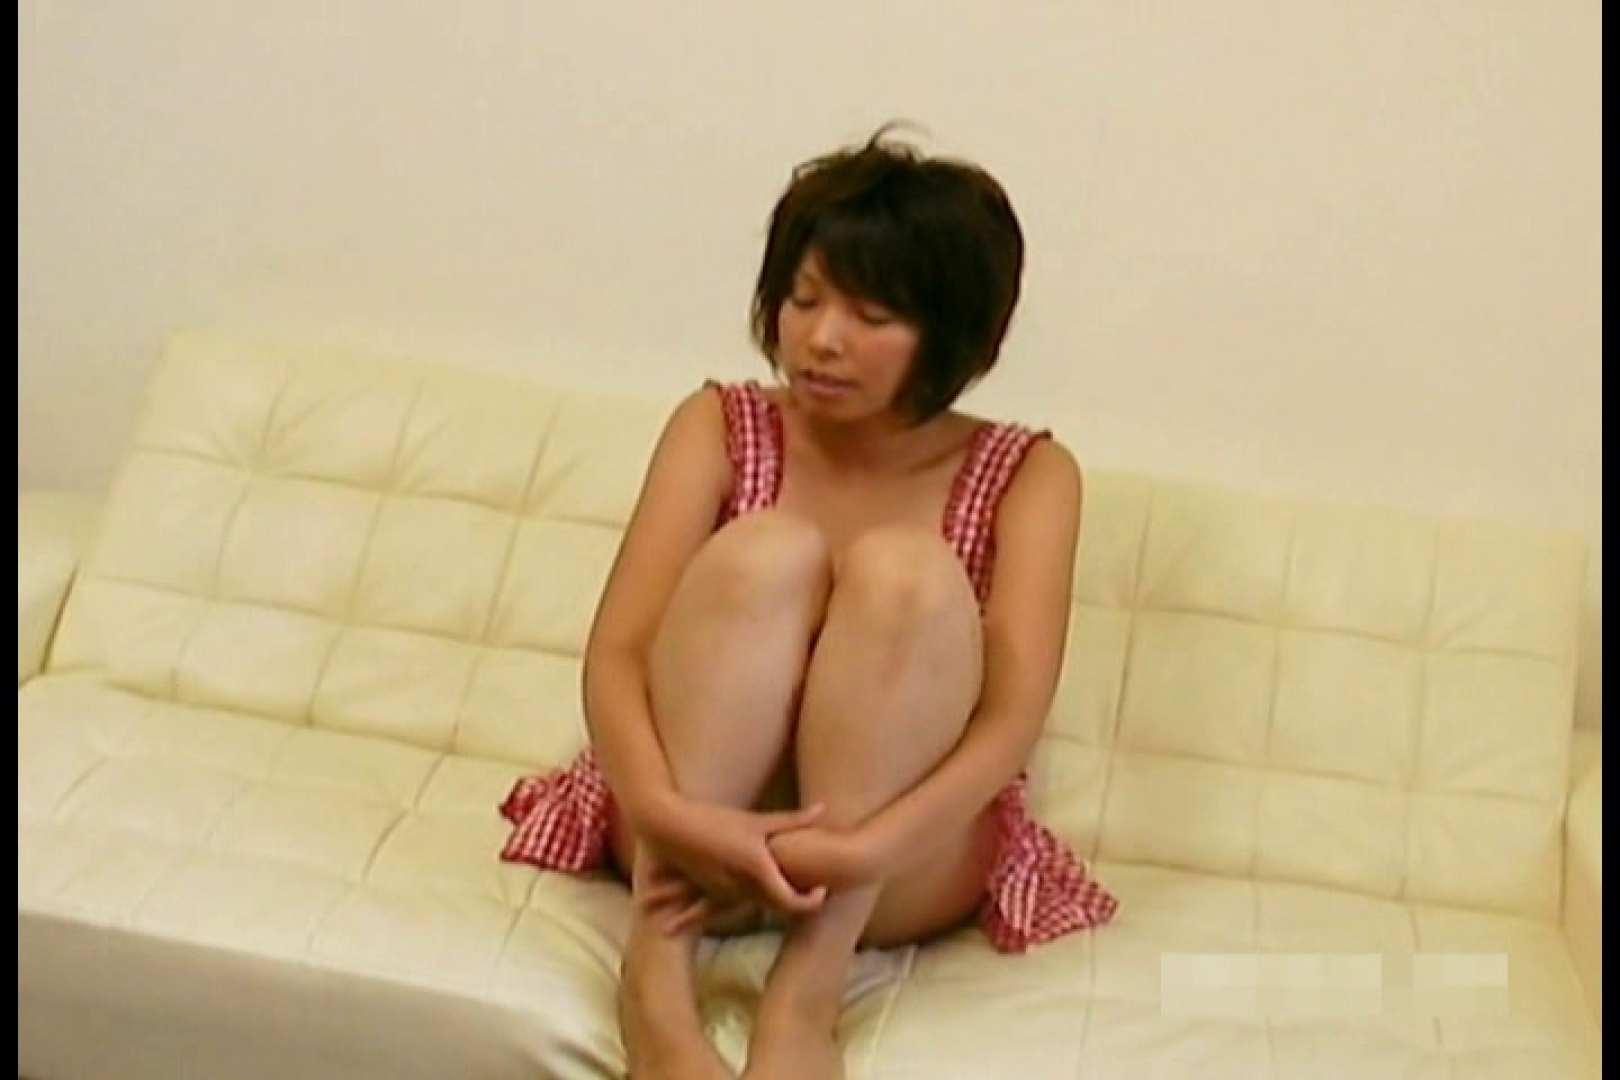 素人撮影 下着だけの撮影のはずが・・・エミちゃん18歳 オマンコ  29連発 19